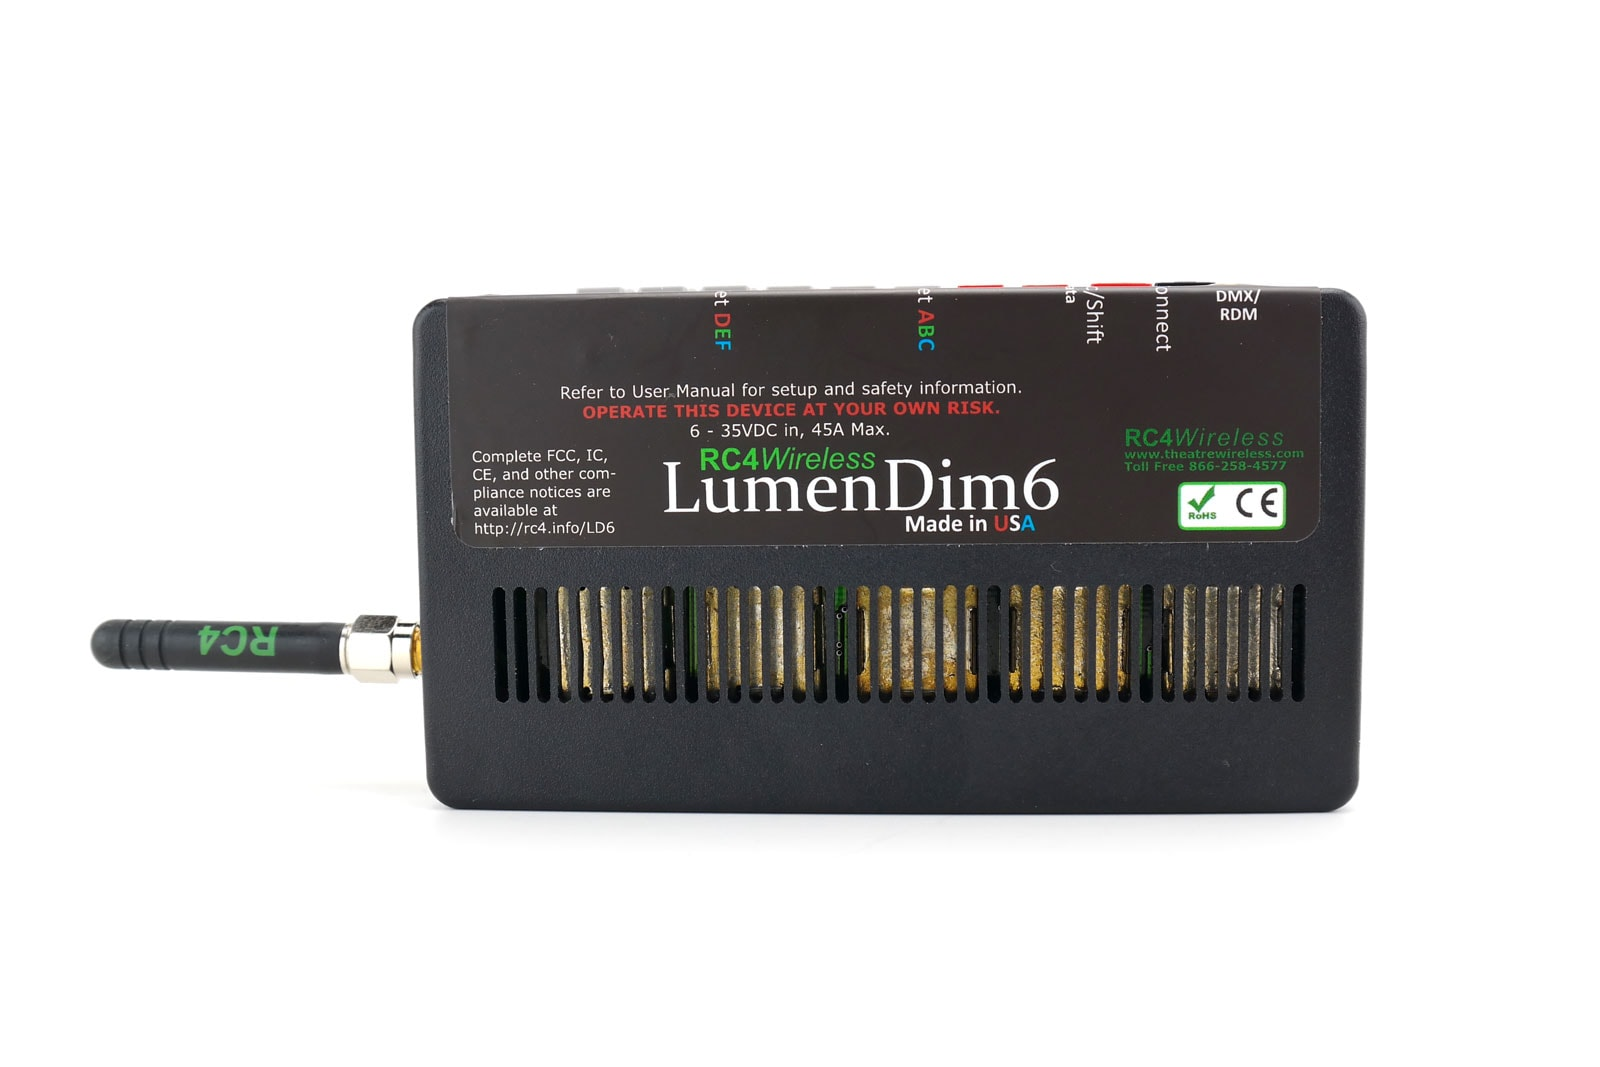 RC4 Wireless: LumenDim6, 42 Amps- Wireless DMX receiver dimmer